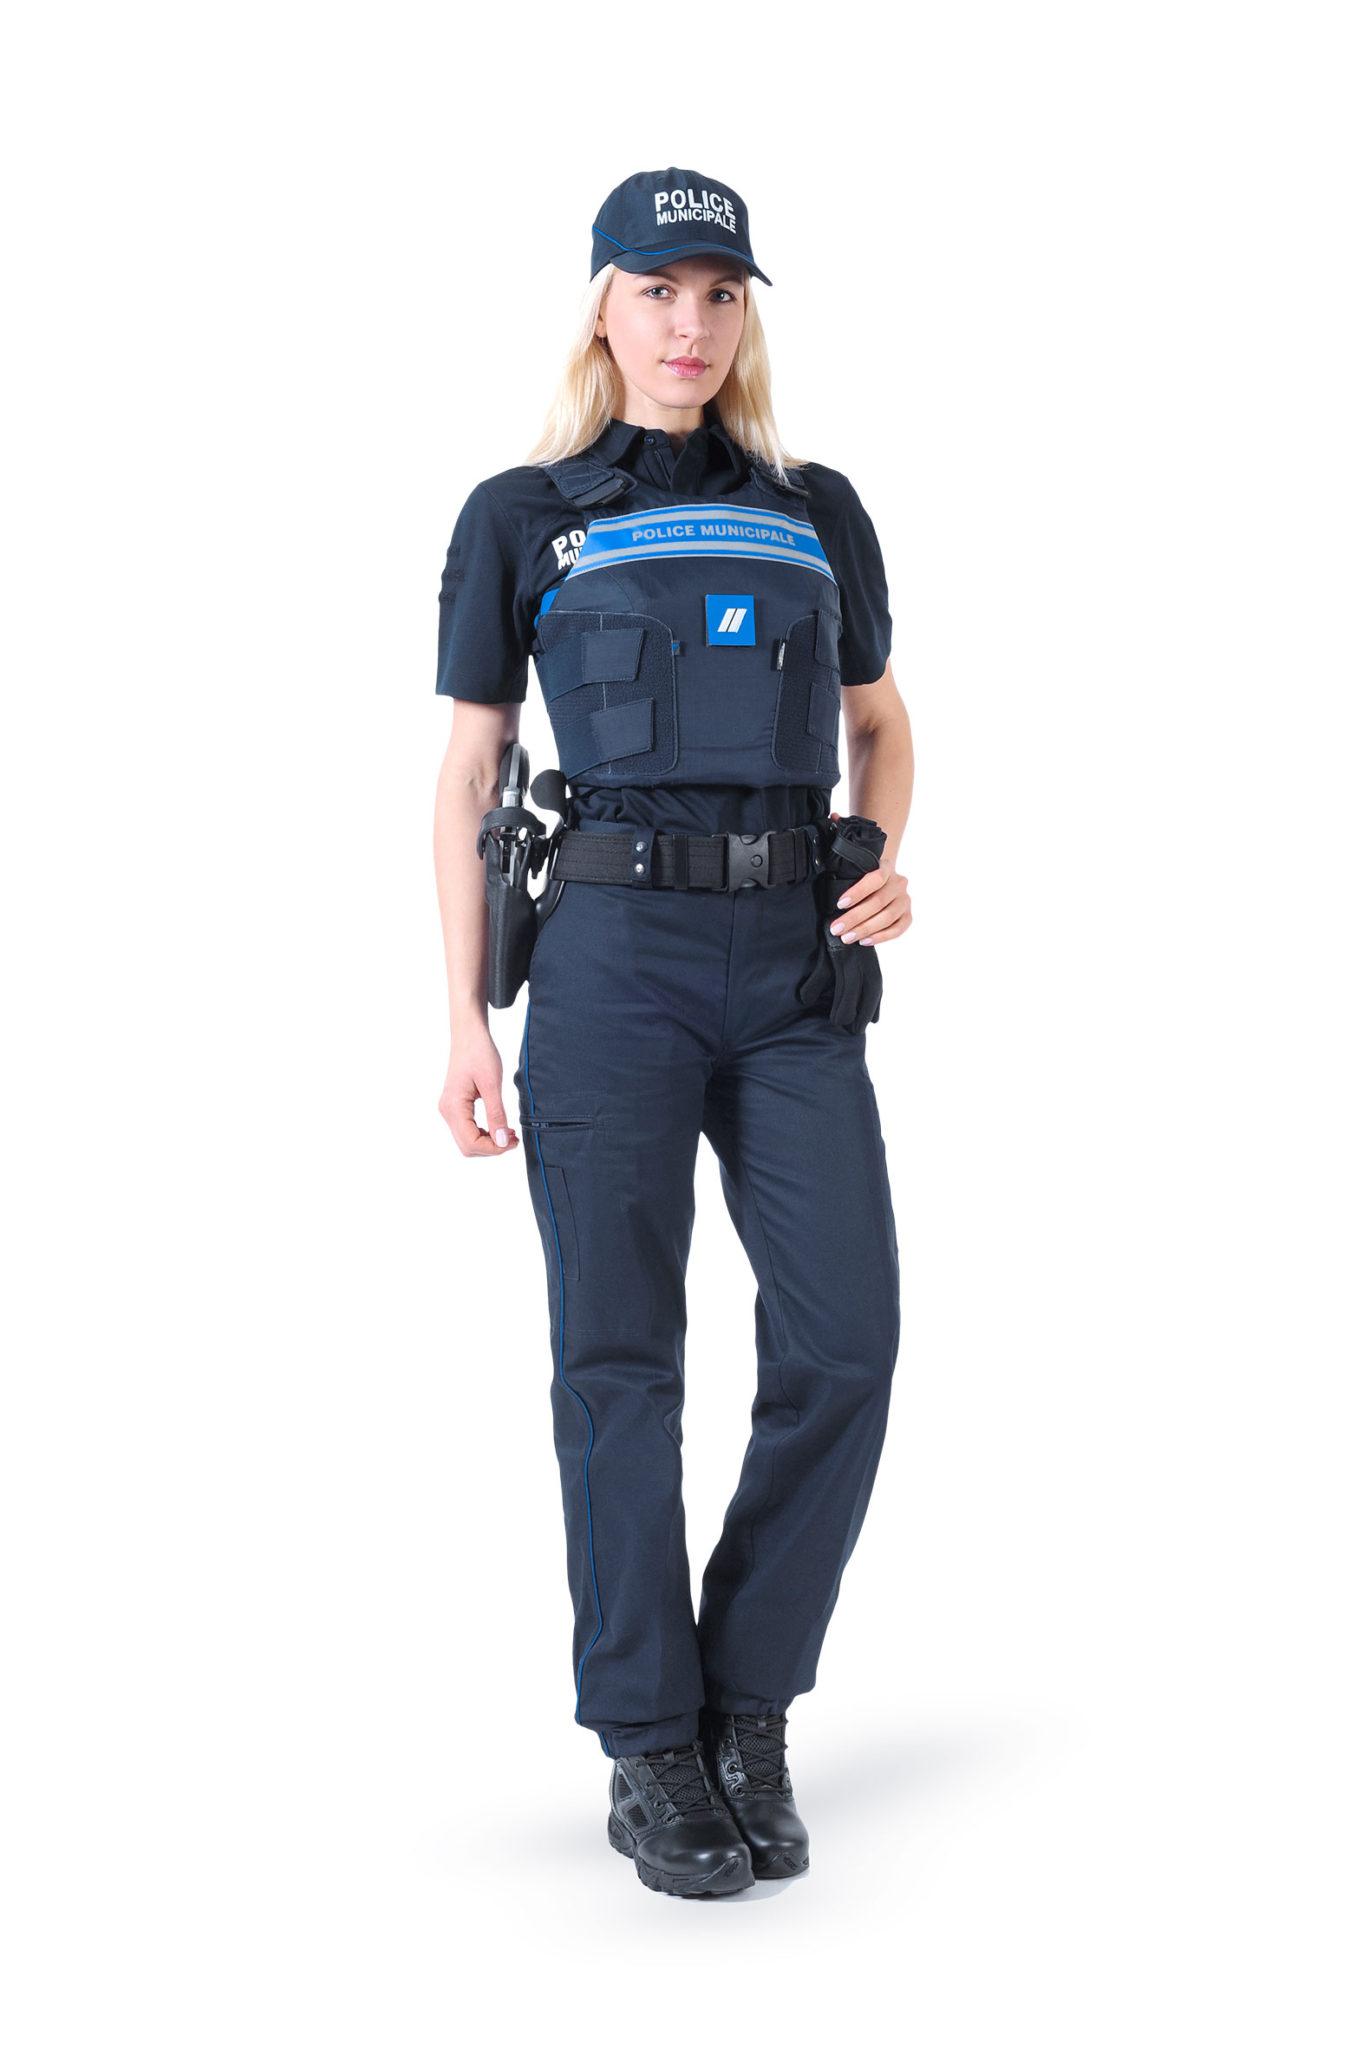 Visuel Polices Municipales dans les métiers Rivolier Sécurité Défense